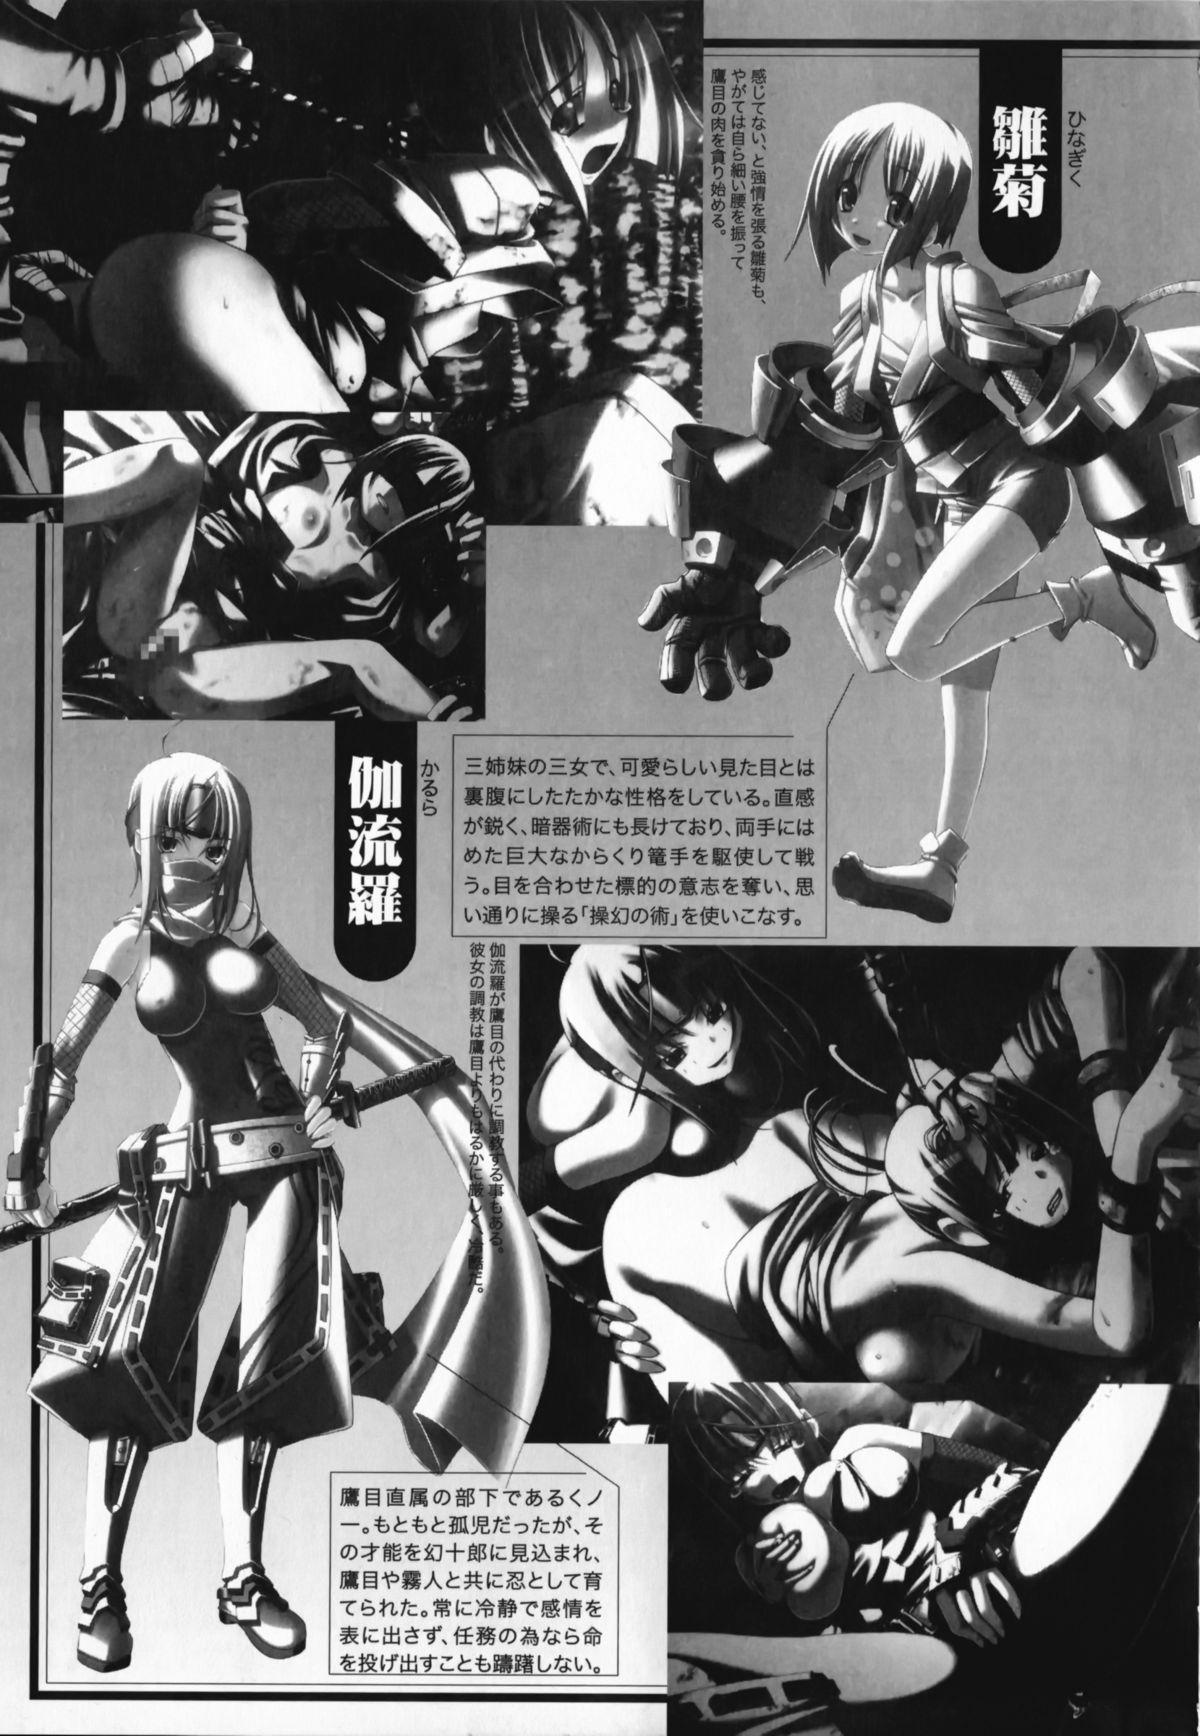 Nukenin - Hokaku, Soshite Choukyou e... 7